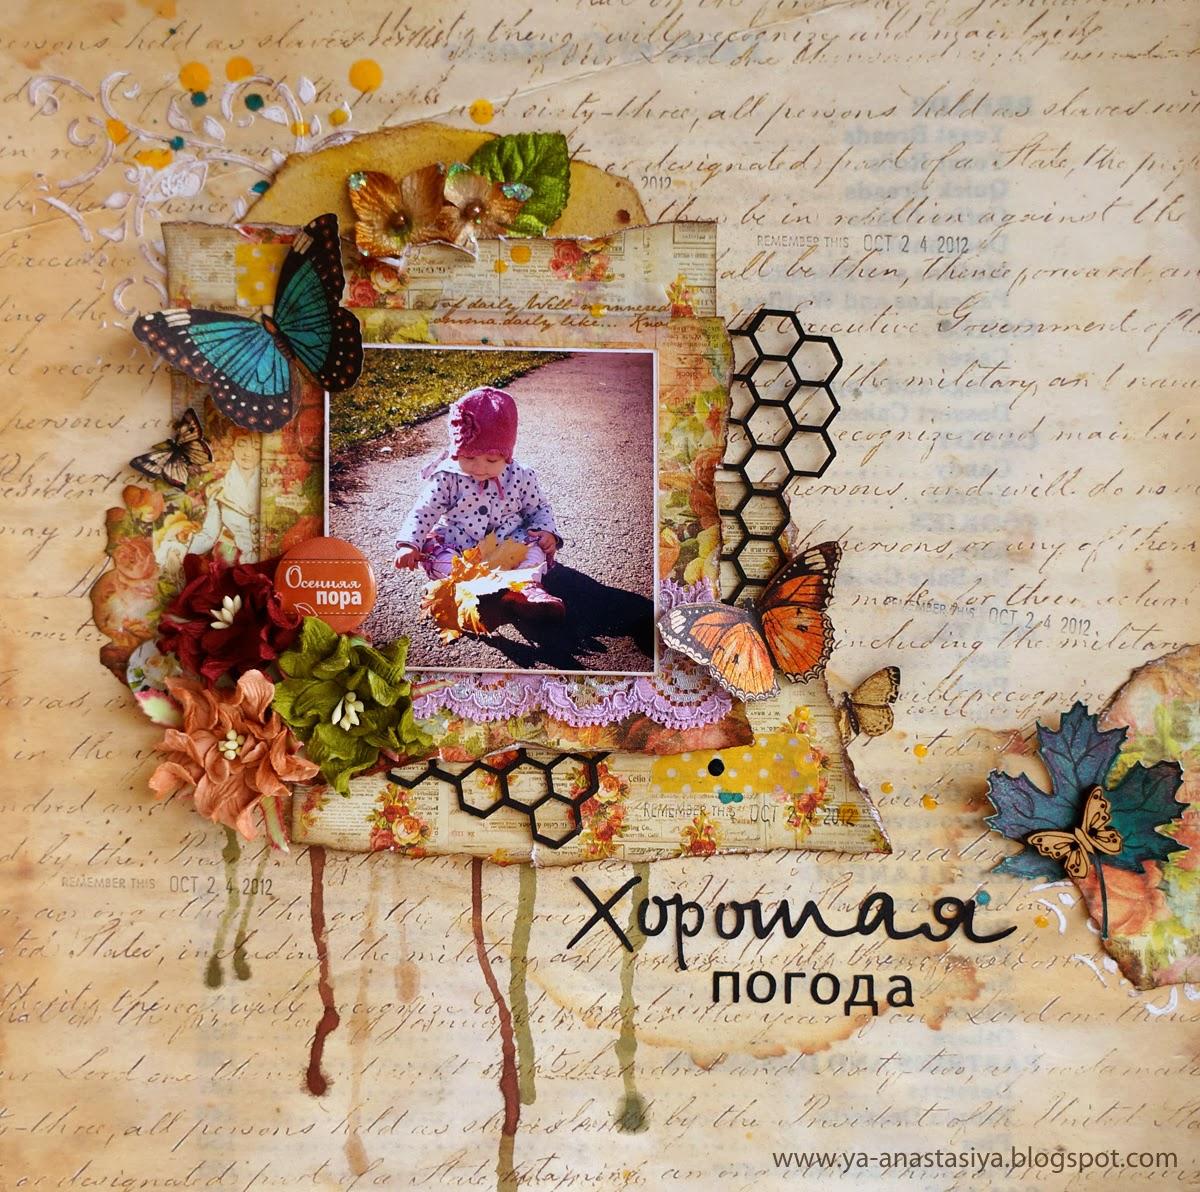 http://www.ya-anastasiya.blogspot.ru/2013/10/blog-post_26.html